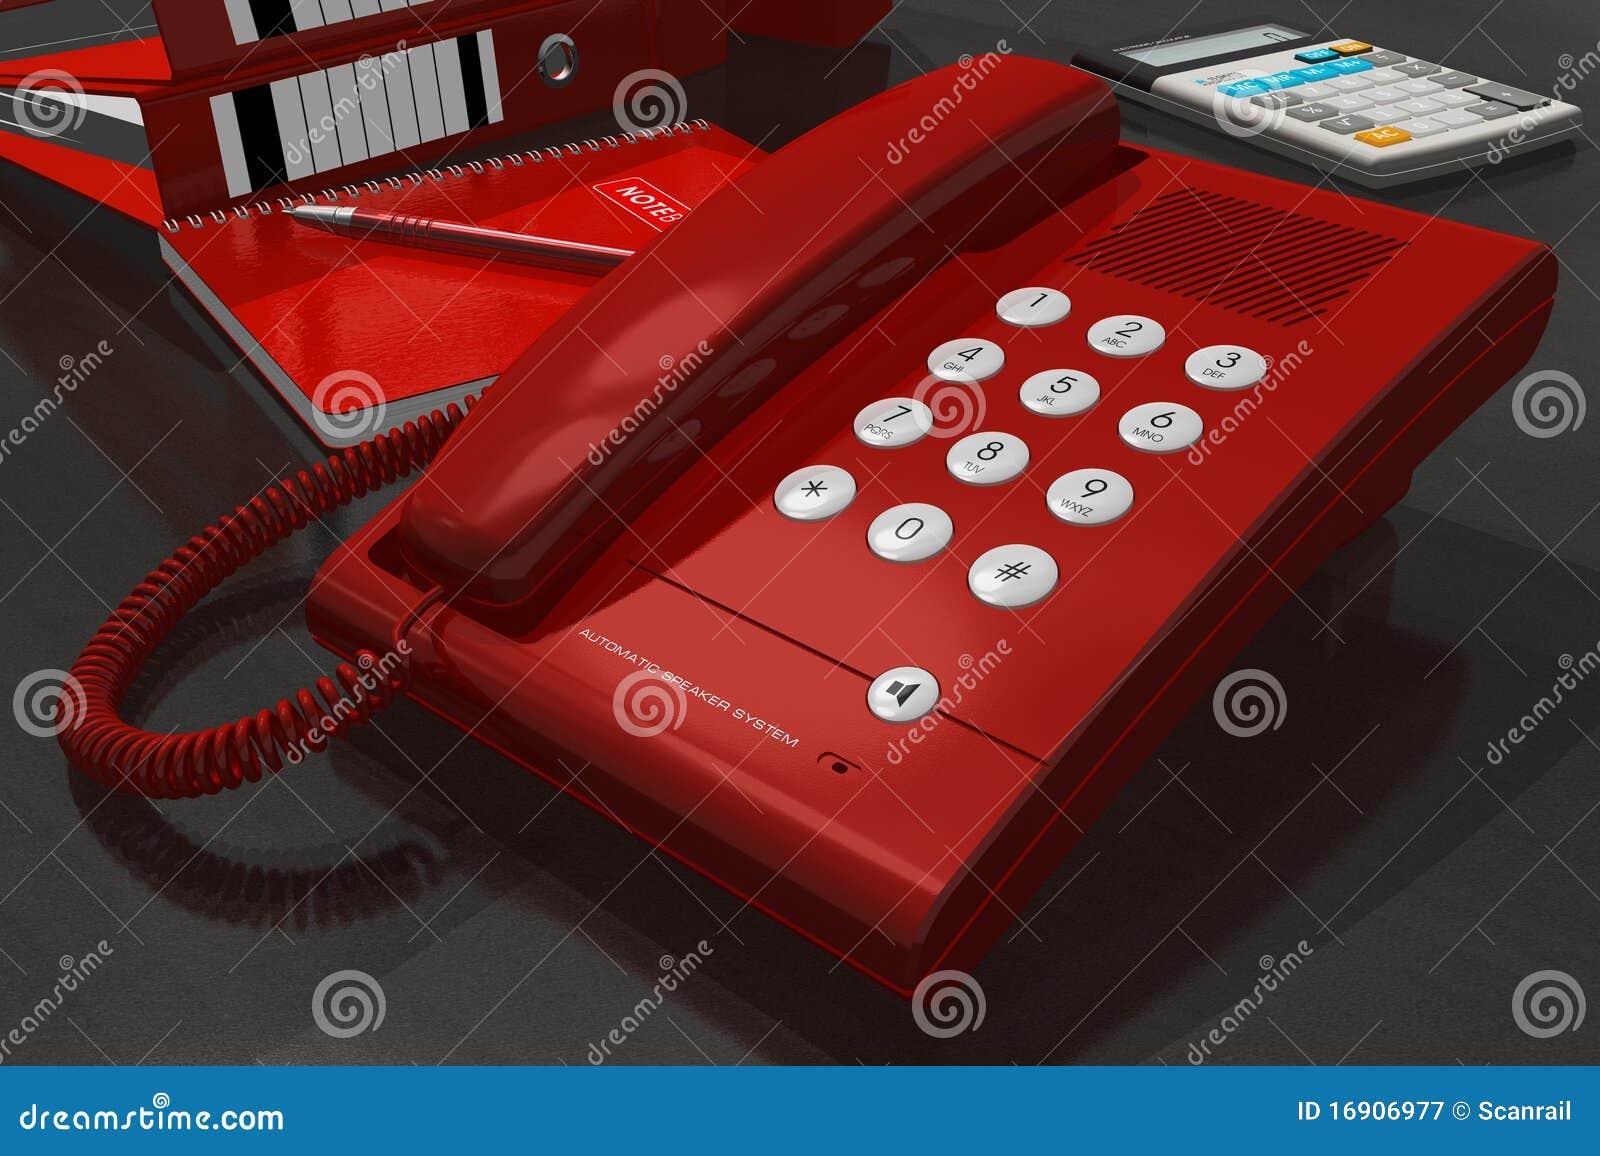 Tel fono rojo en el vector de la oficina fotograf a de for Telefono de la oficina